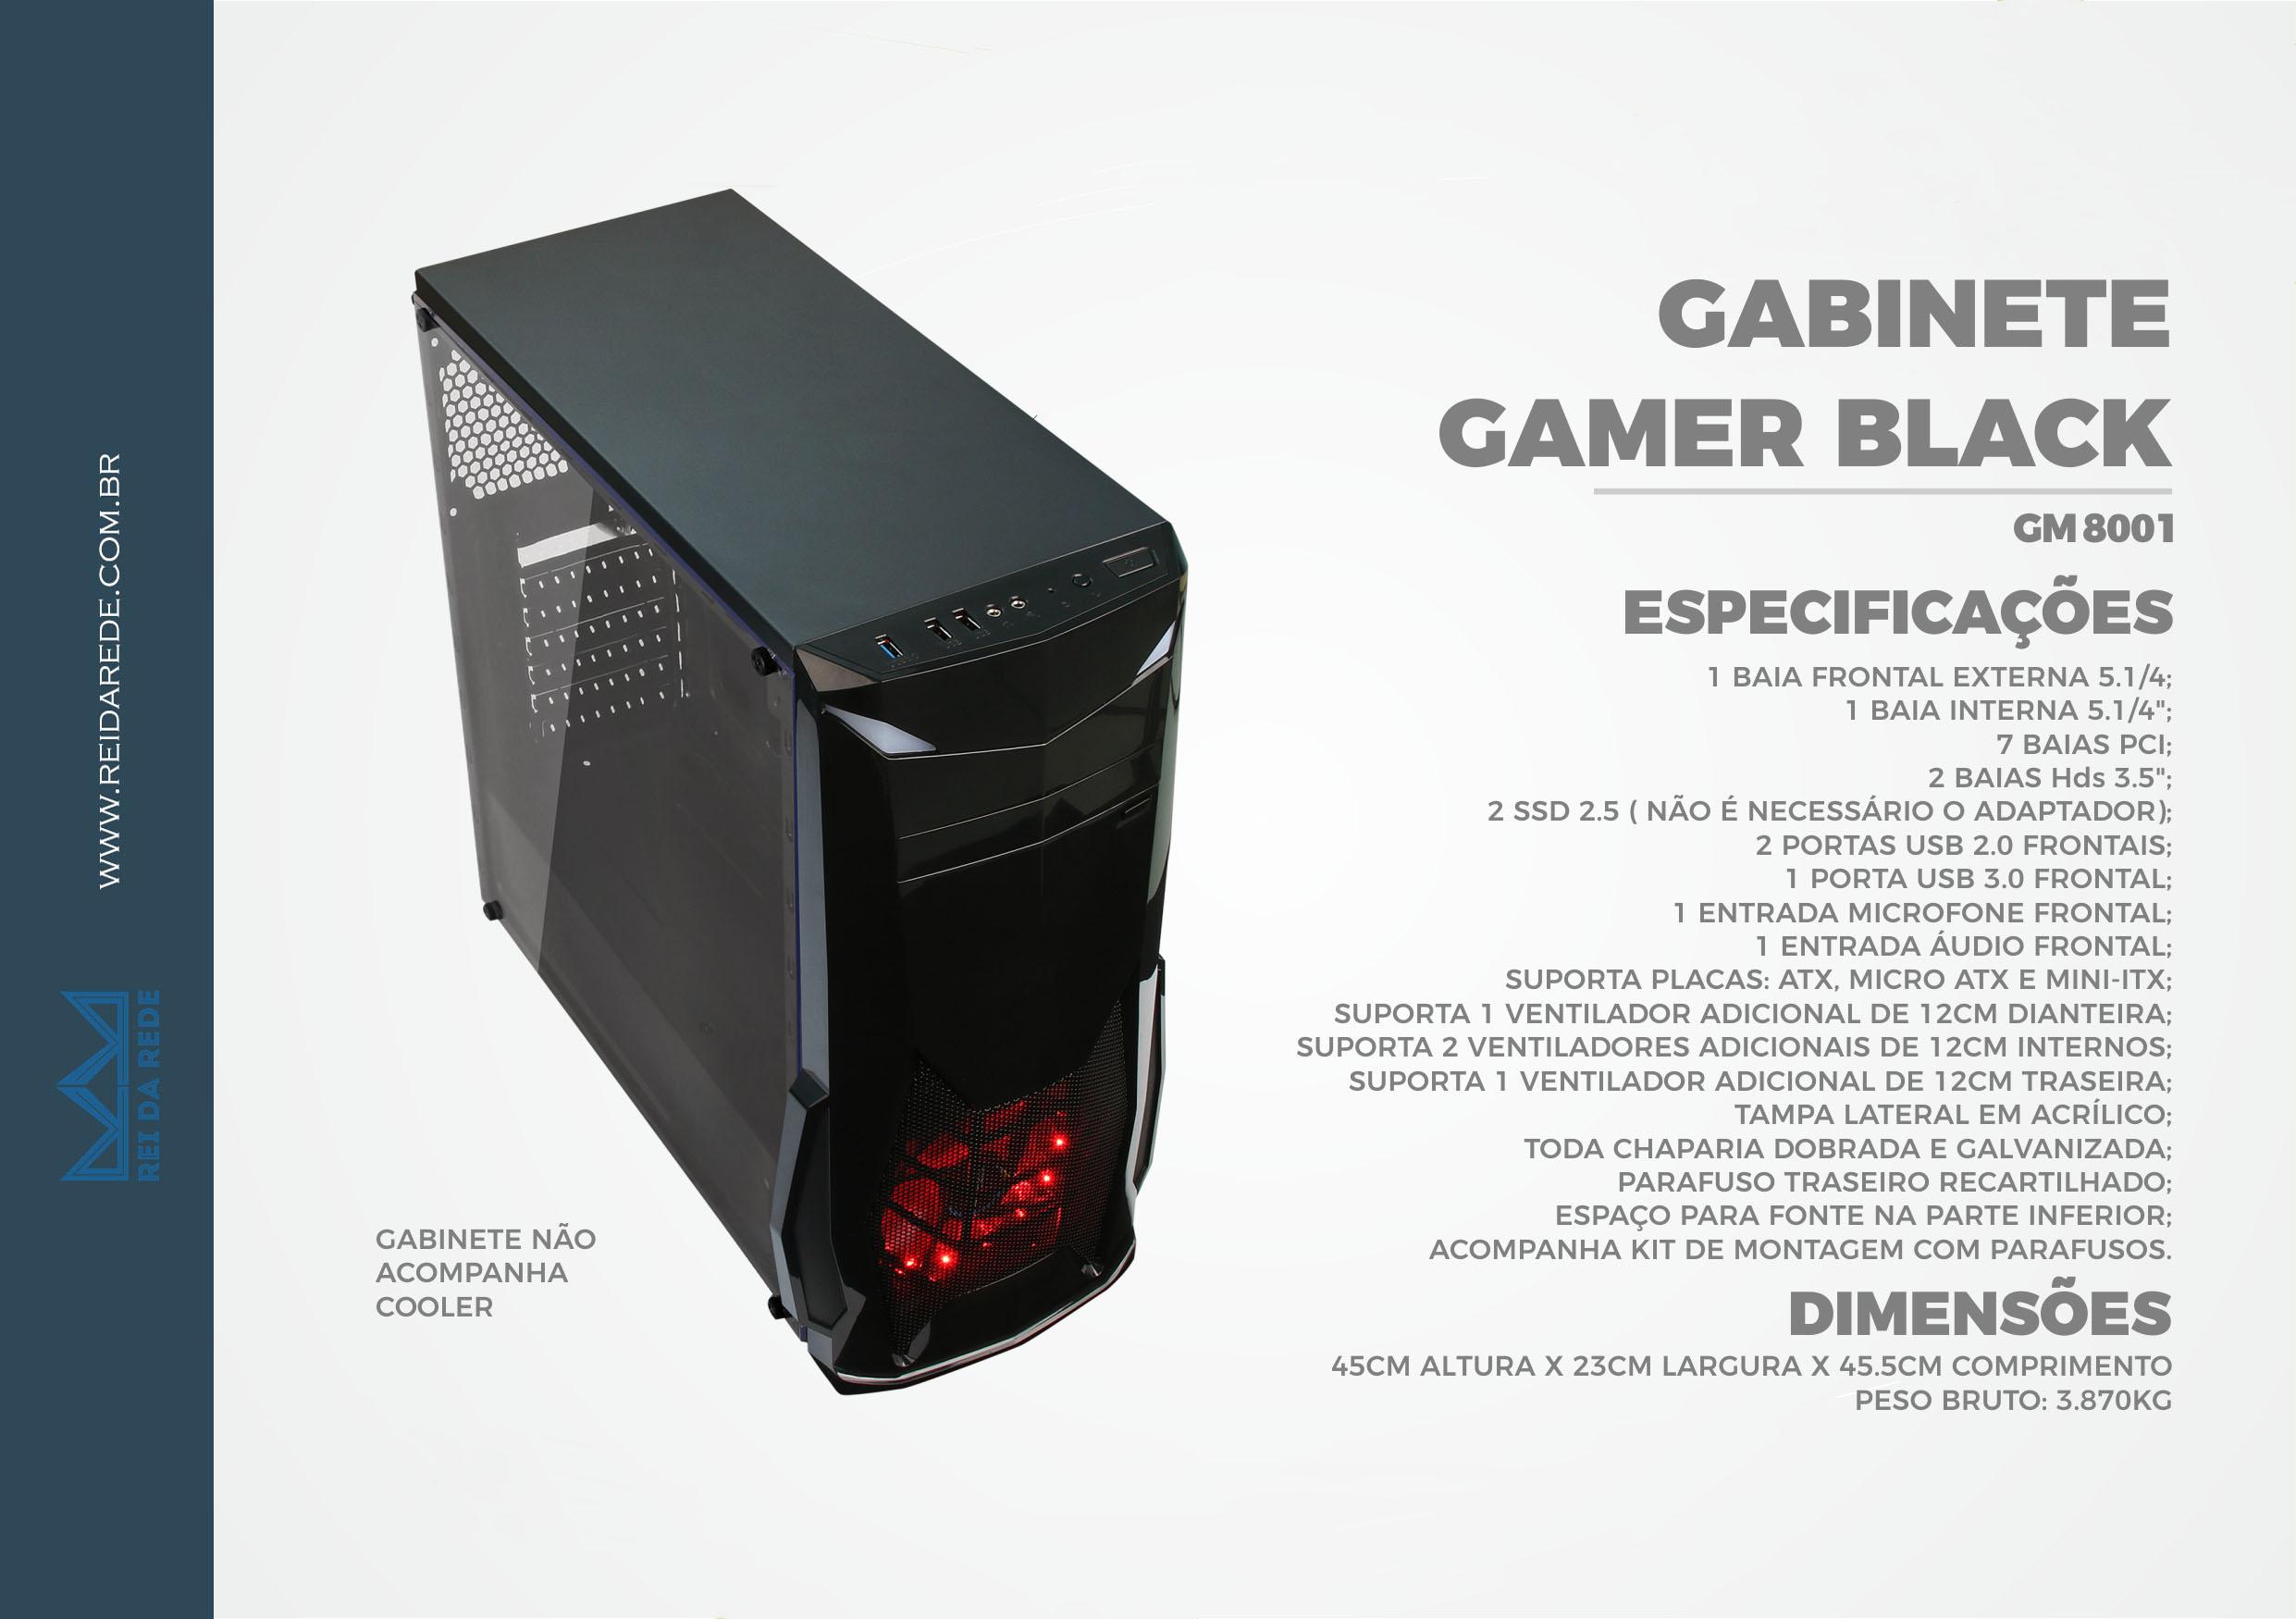 GABINETE GAMER BPC GM8001 COM 1XUSB3.0 E 2 USB2.0 LATERAL ACRILICO BLACK S/ FONTE